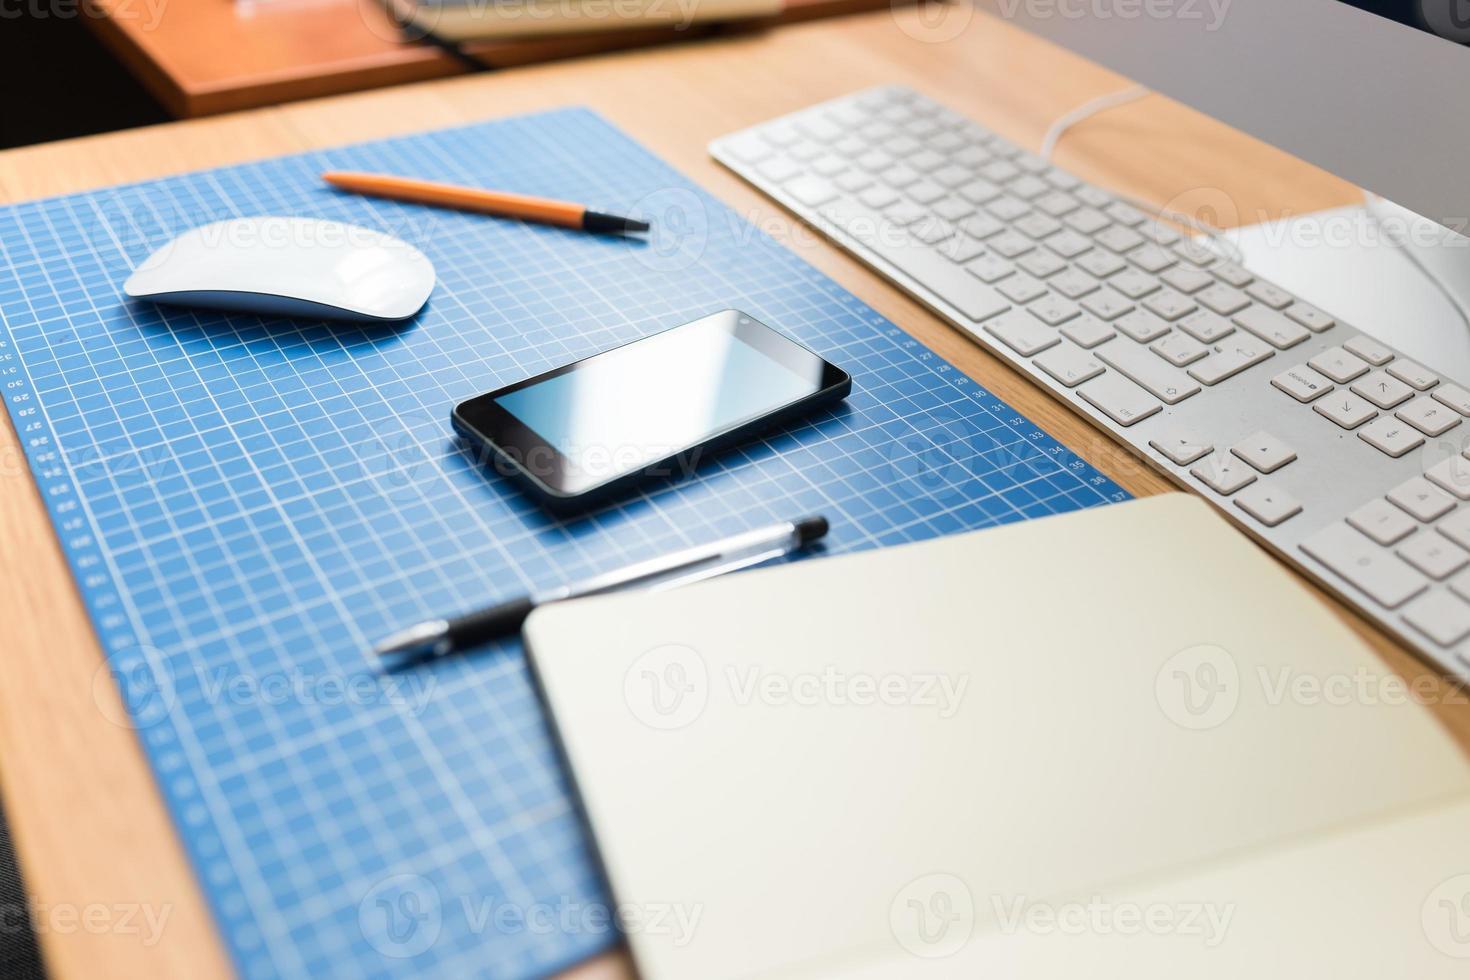 web designer o sviluppatore sul posto di lavoro. foto